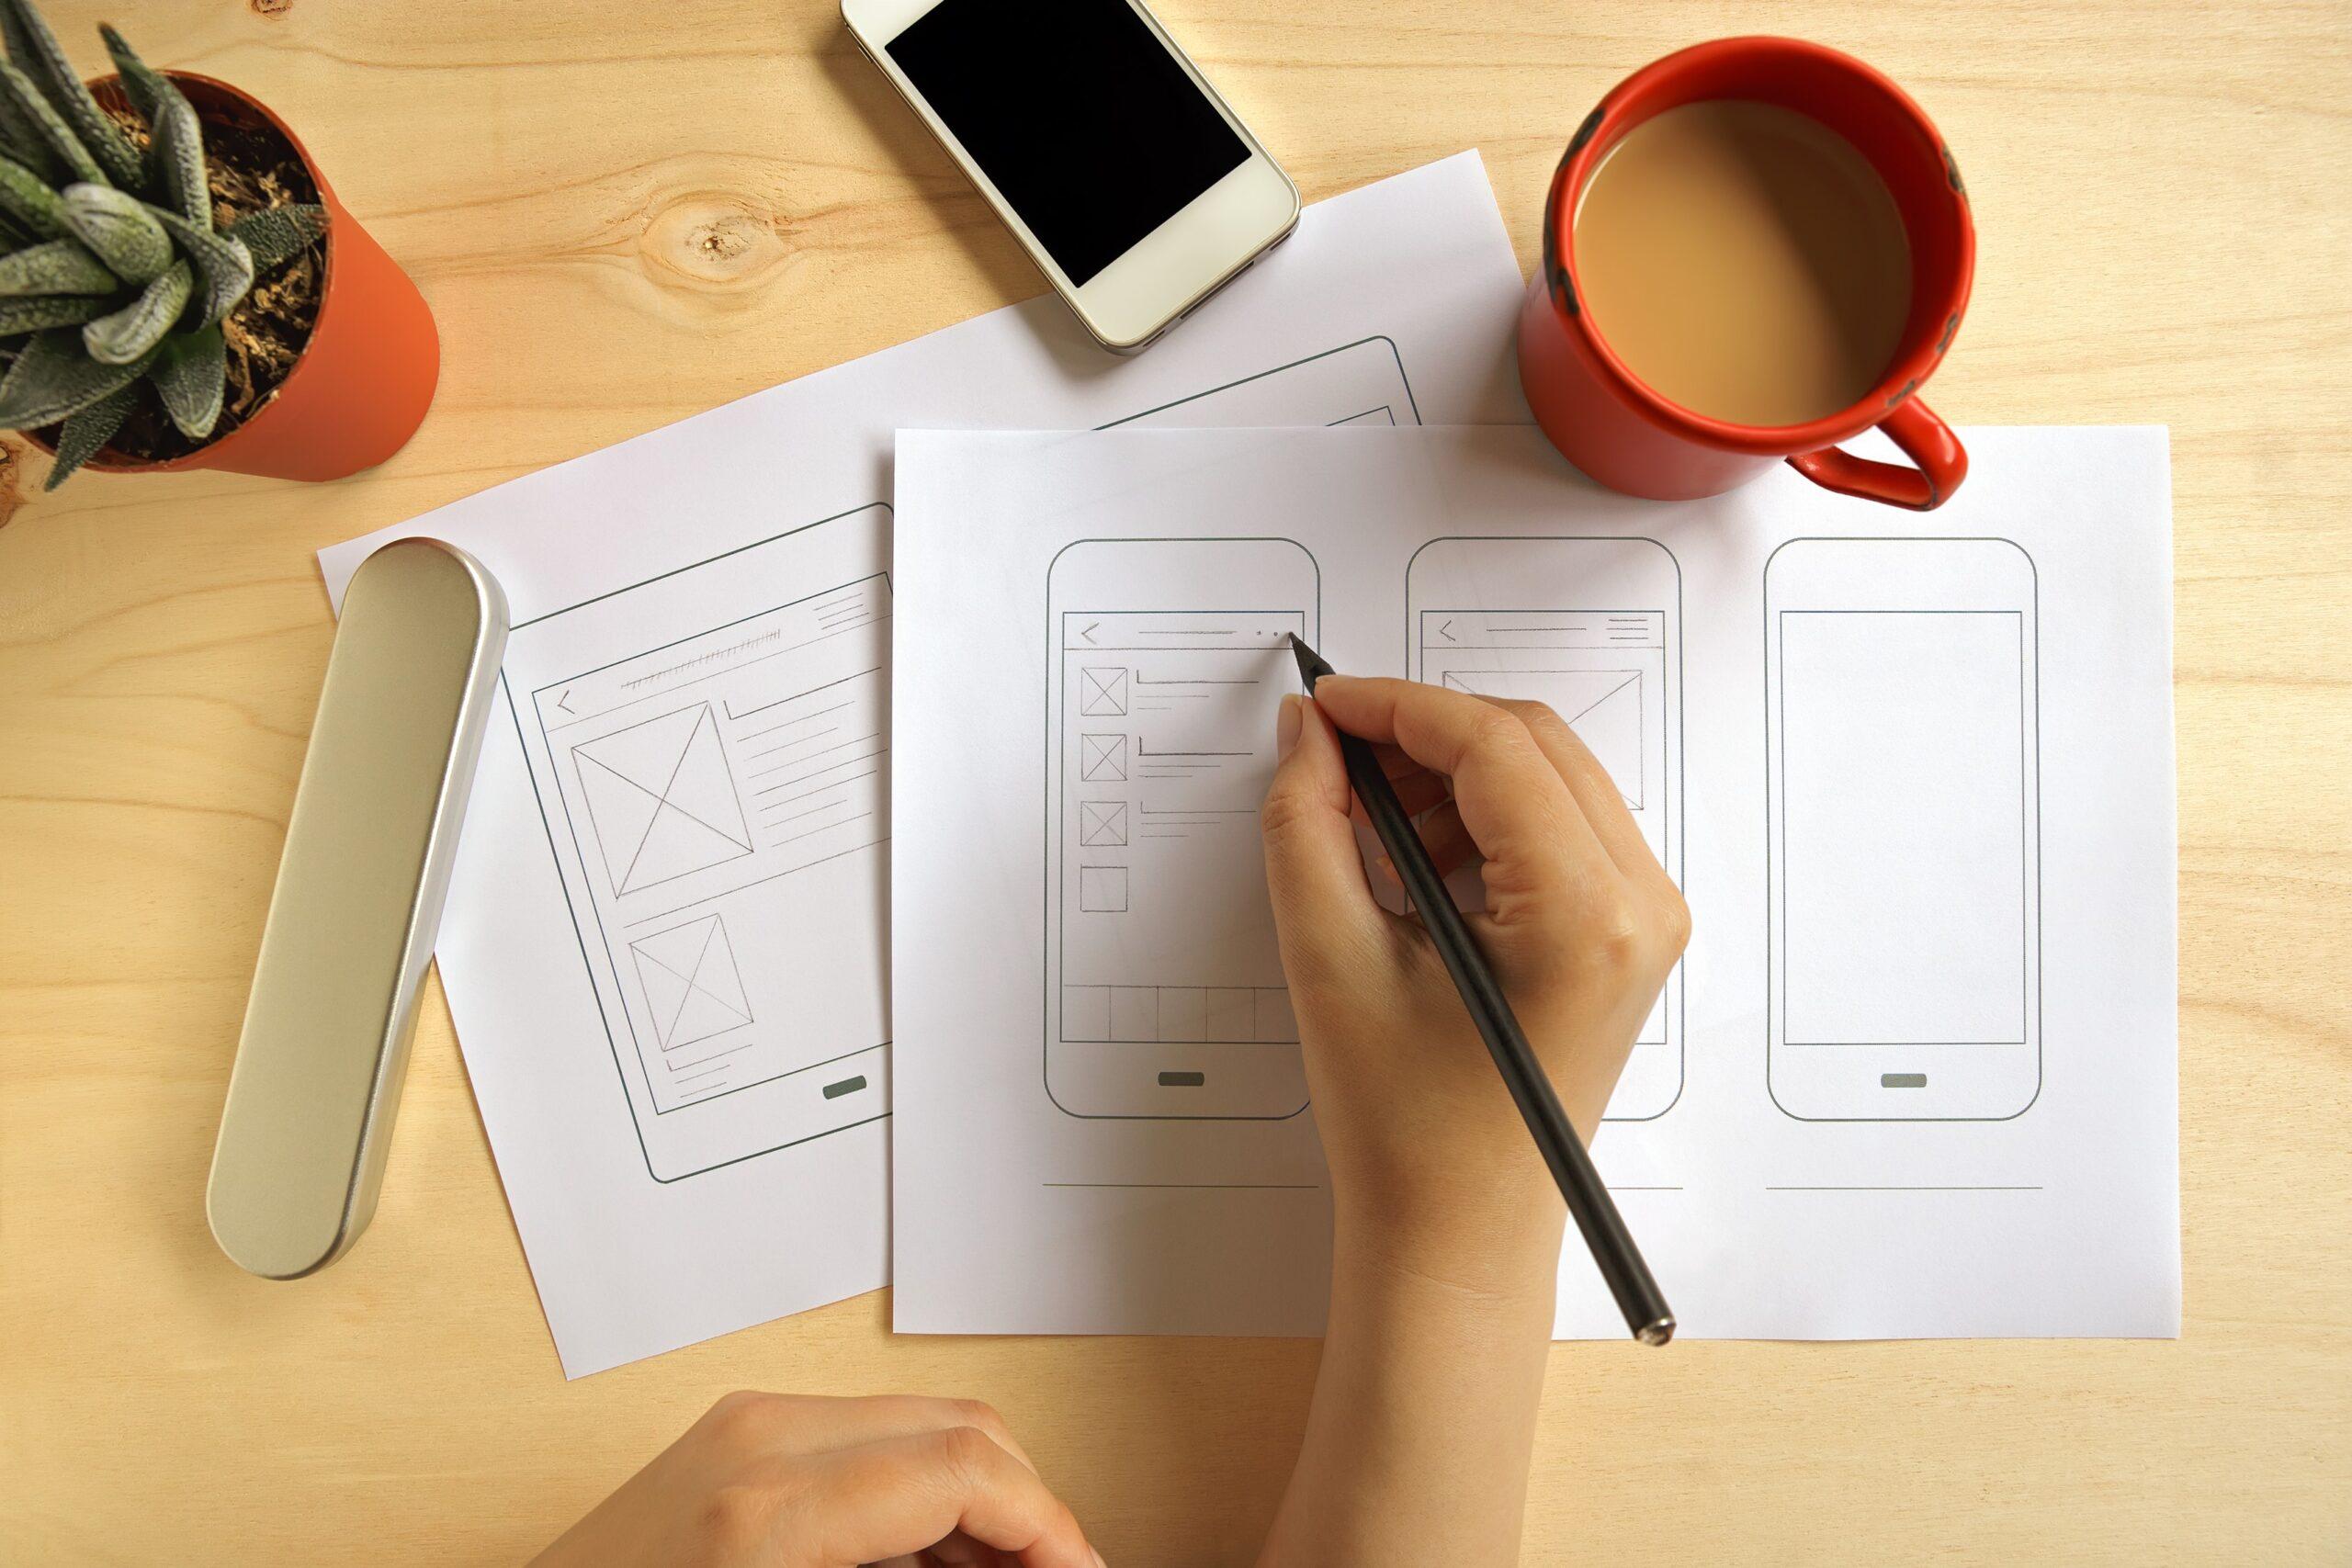 Projeto desenhado para desenvolvimento de app